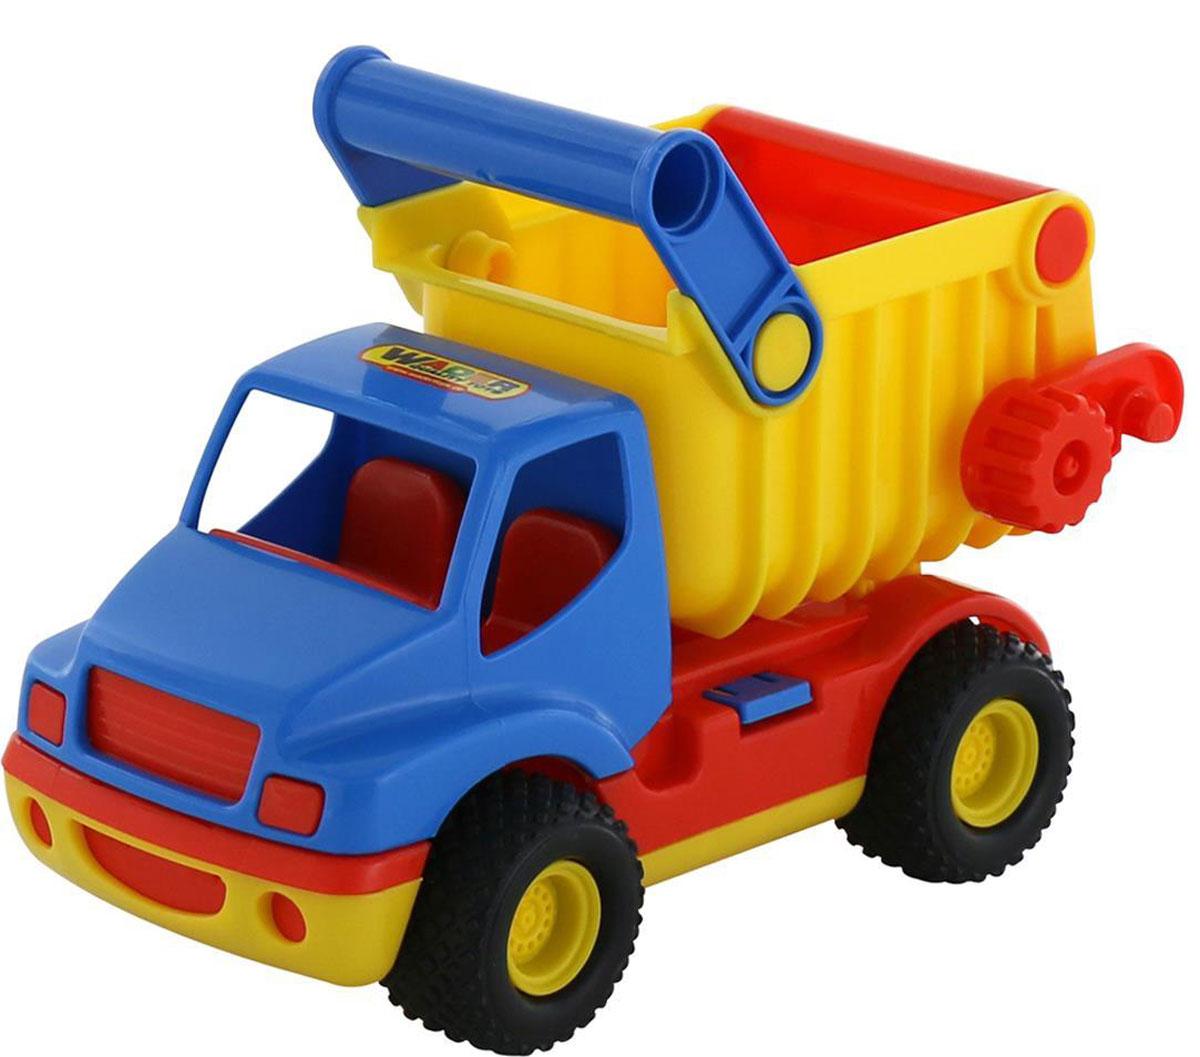 Полесье Самосвал КонсТрак, цвет в ассортименте37671Самосвал Полесье КонсТрак выполнен из высококачественного материала и обладает уникальным дизайном, способным порадовать каждого. Грузовик имеет специальную ручку на кузове, за которую его очень удобно носить с собой. В кабину можно посадить фигурку водителя. Кузов машинки легко поднимается и опускается, в него можно загрузить все, что понадобится малышу.Ваш ребенок с удовольствием будет играть с самосвалом, как дома, так и на улице в песочнице. Уважаемые клиенты! Обращаем ваше внимание на цветовой ассортимент товара. Поставка осуществляется в зависимости от наличия на складе.